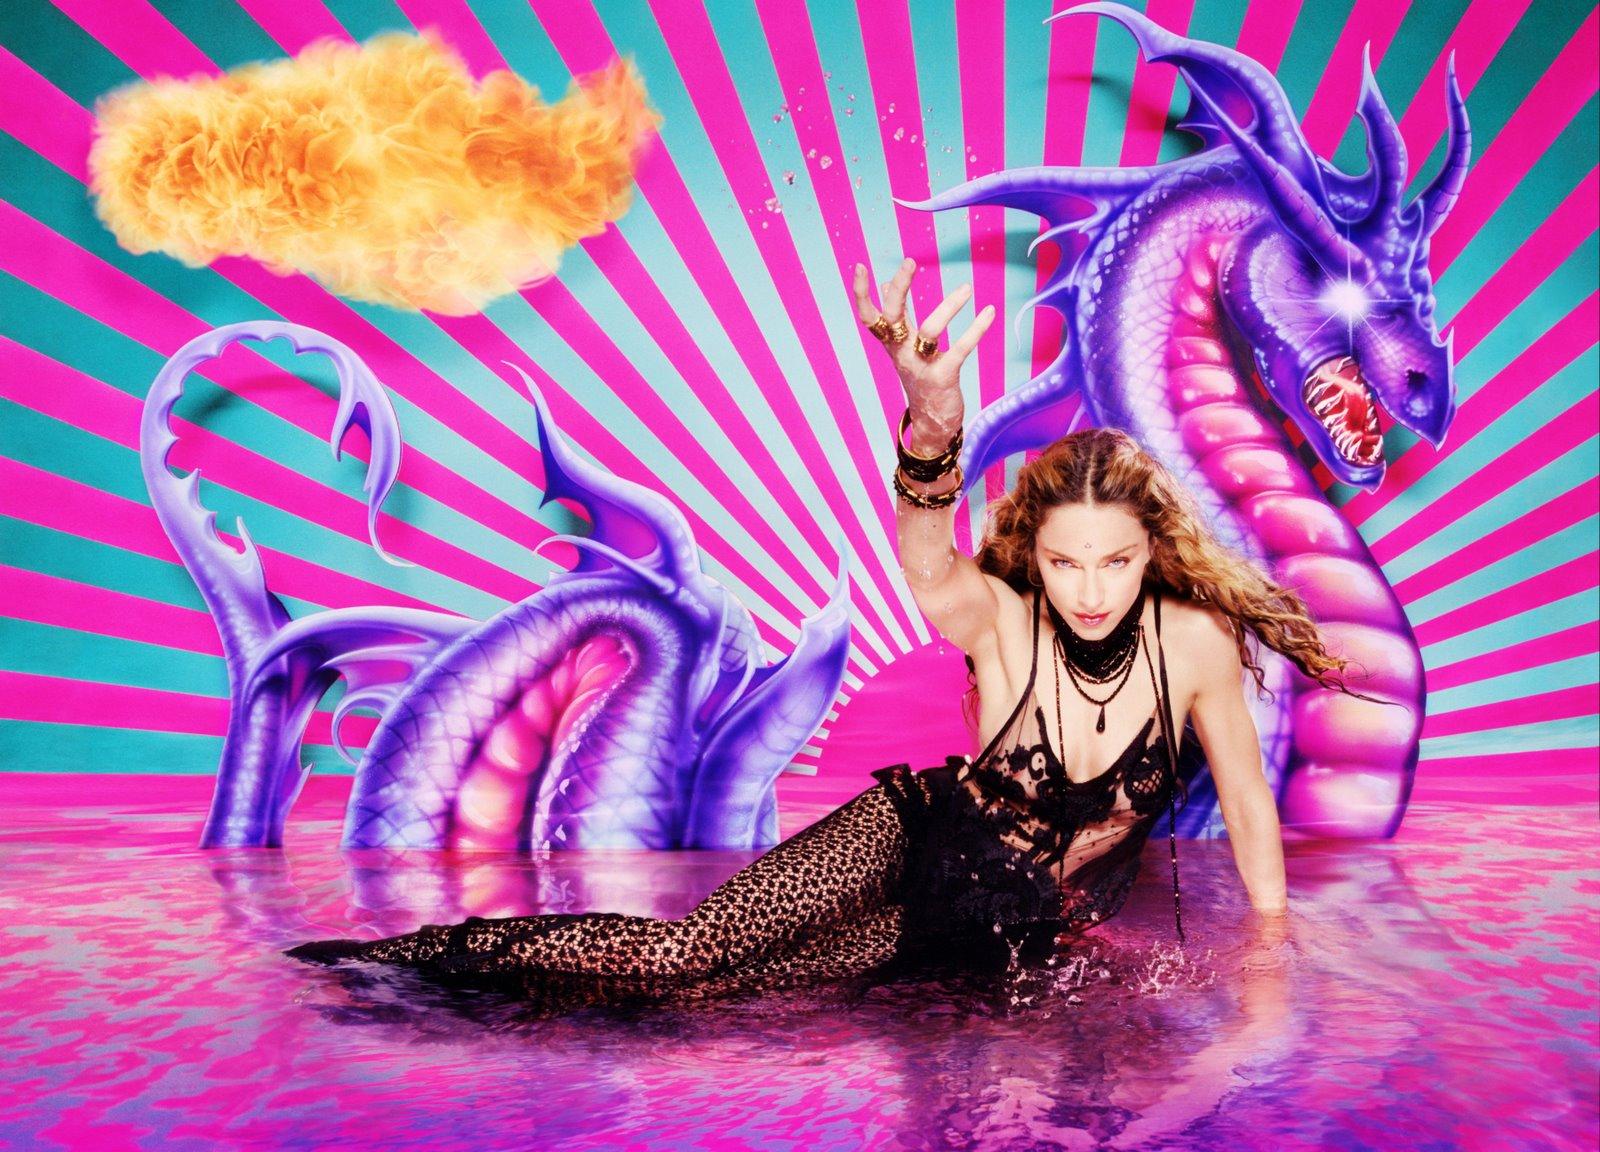 http://4.bp.blogspot.com/-80z-HOqc2Nc/Tuwz4R9ajTI/AAAAAAAAA10/5LMW_2mulms/s1600/La+Chapelle+Madonna+03.jpeg